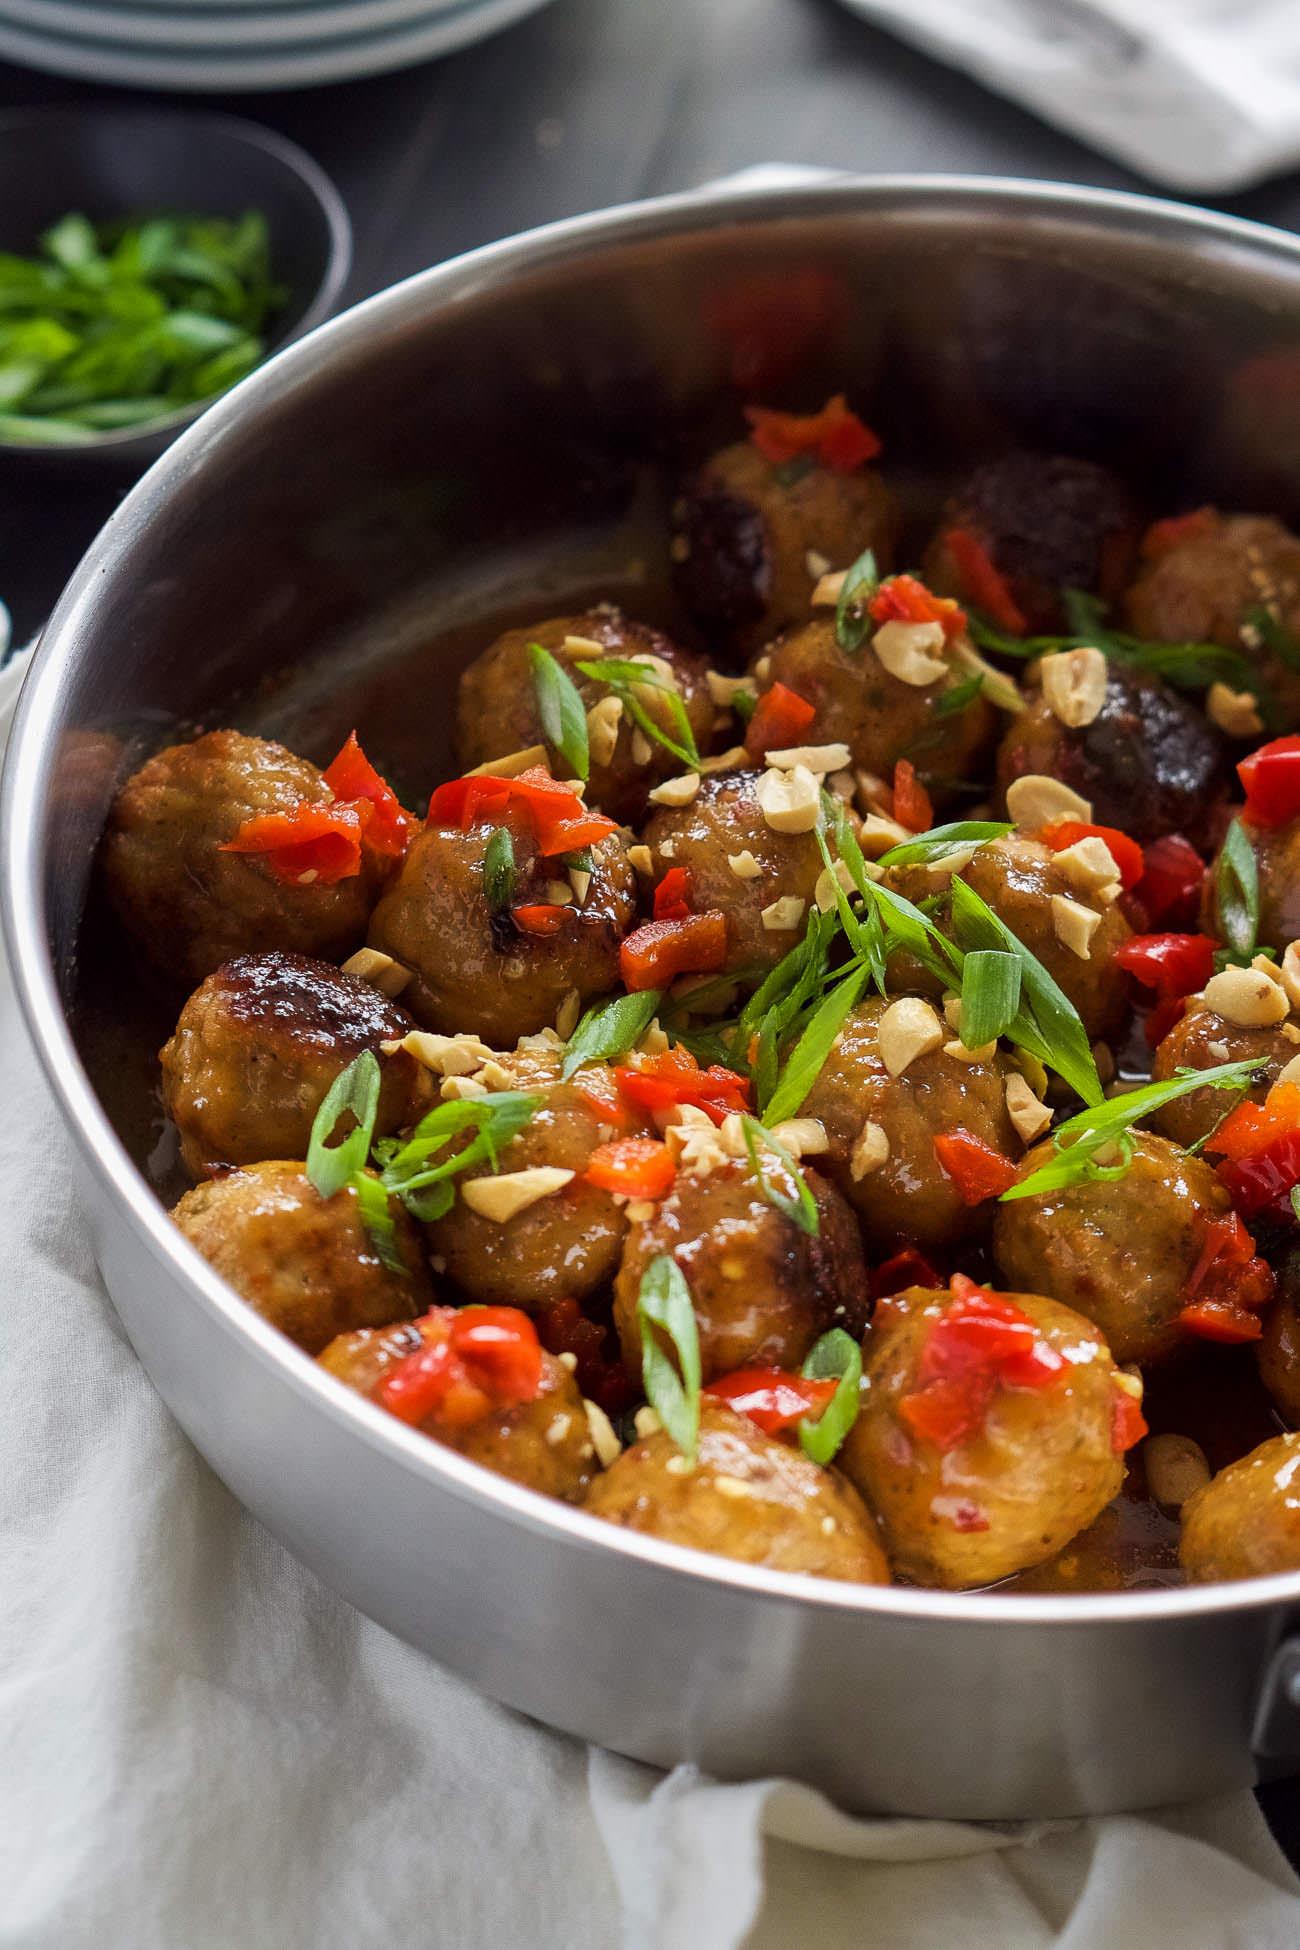 Easy Chili Sauce Meatballs Recipe — Dishmaps